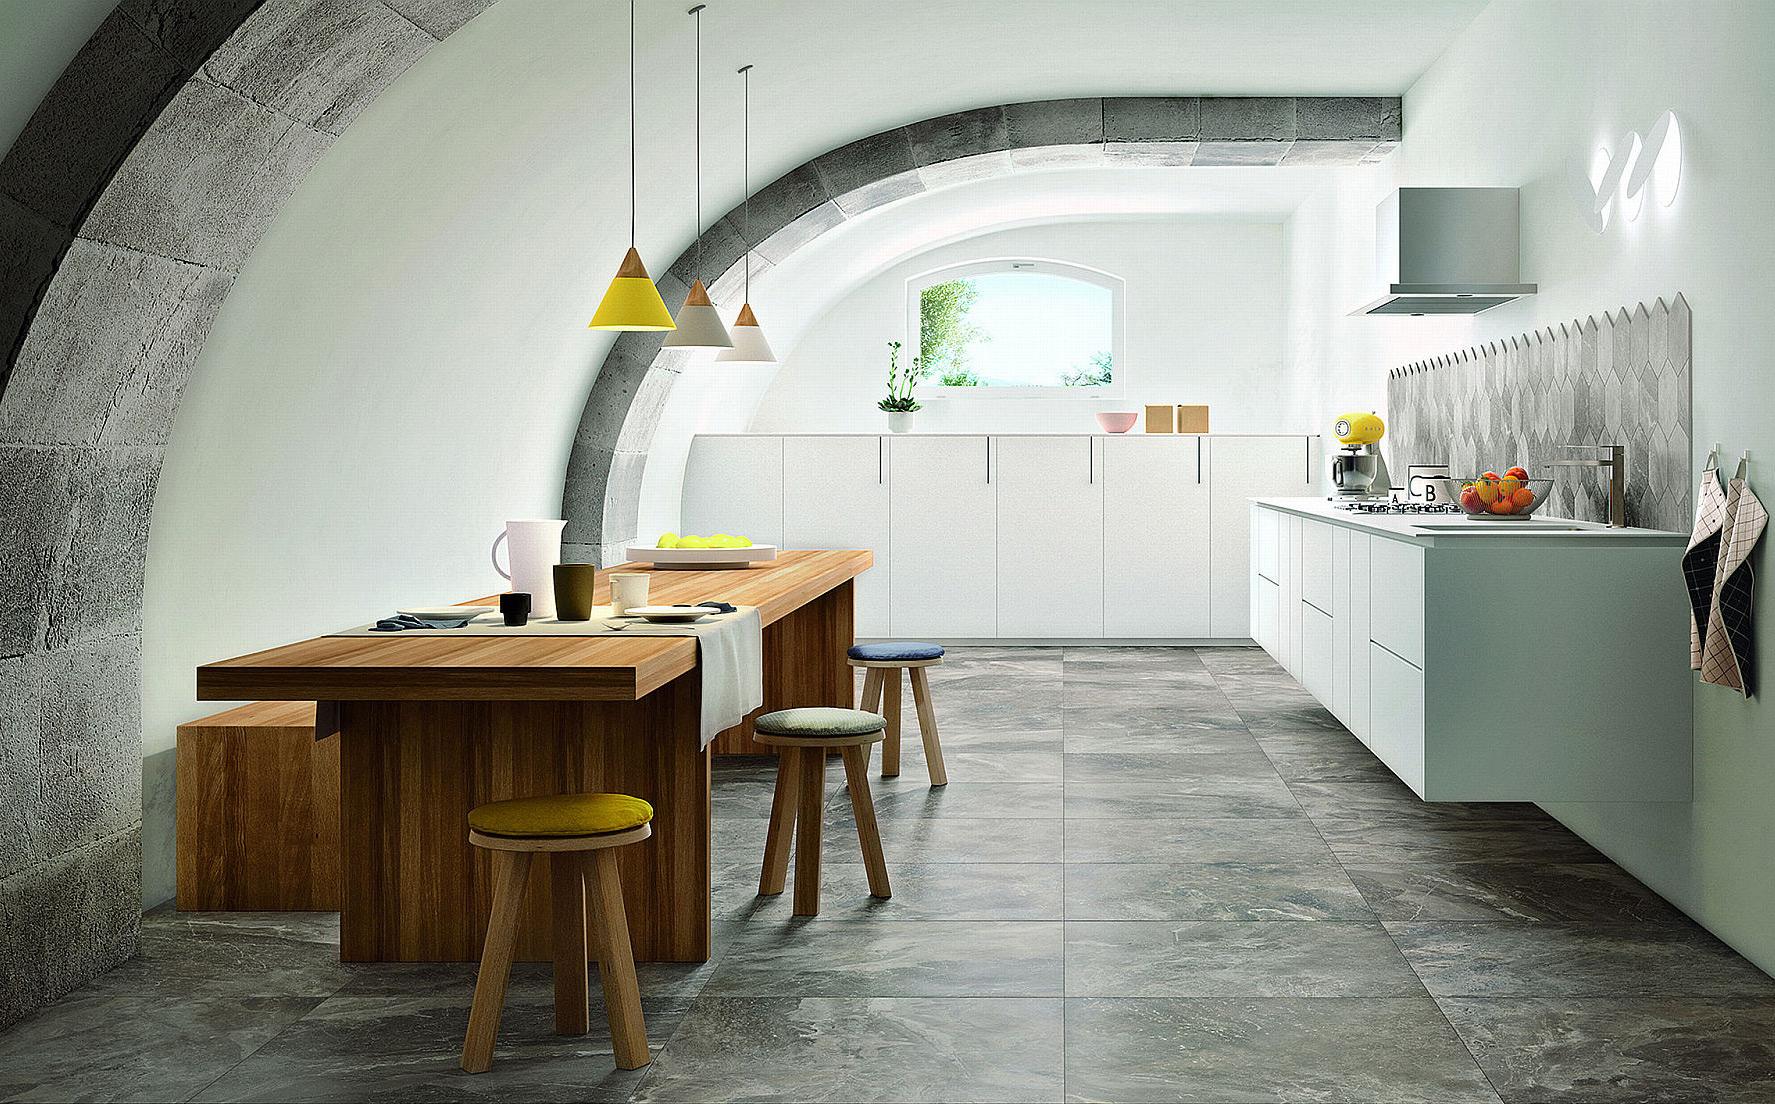 Piastrelle per decorare la cucina - Decorare le piastrelle ...